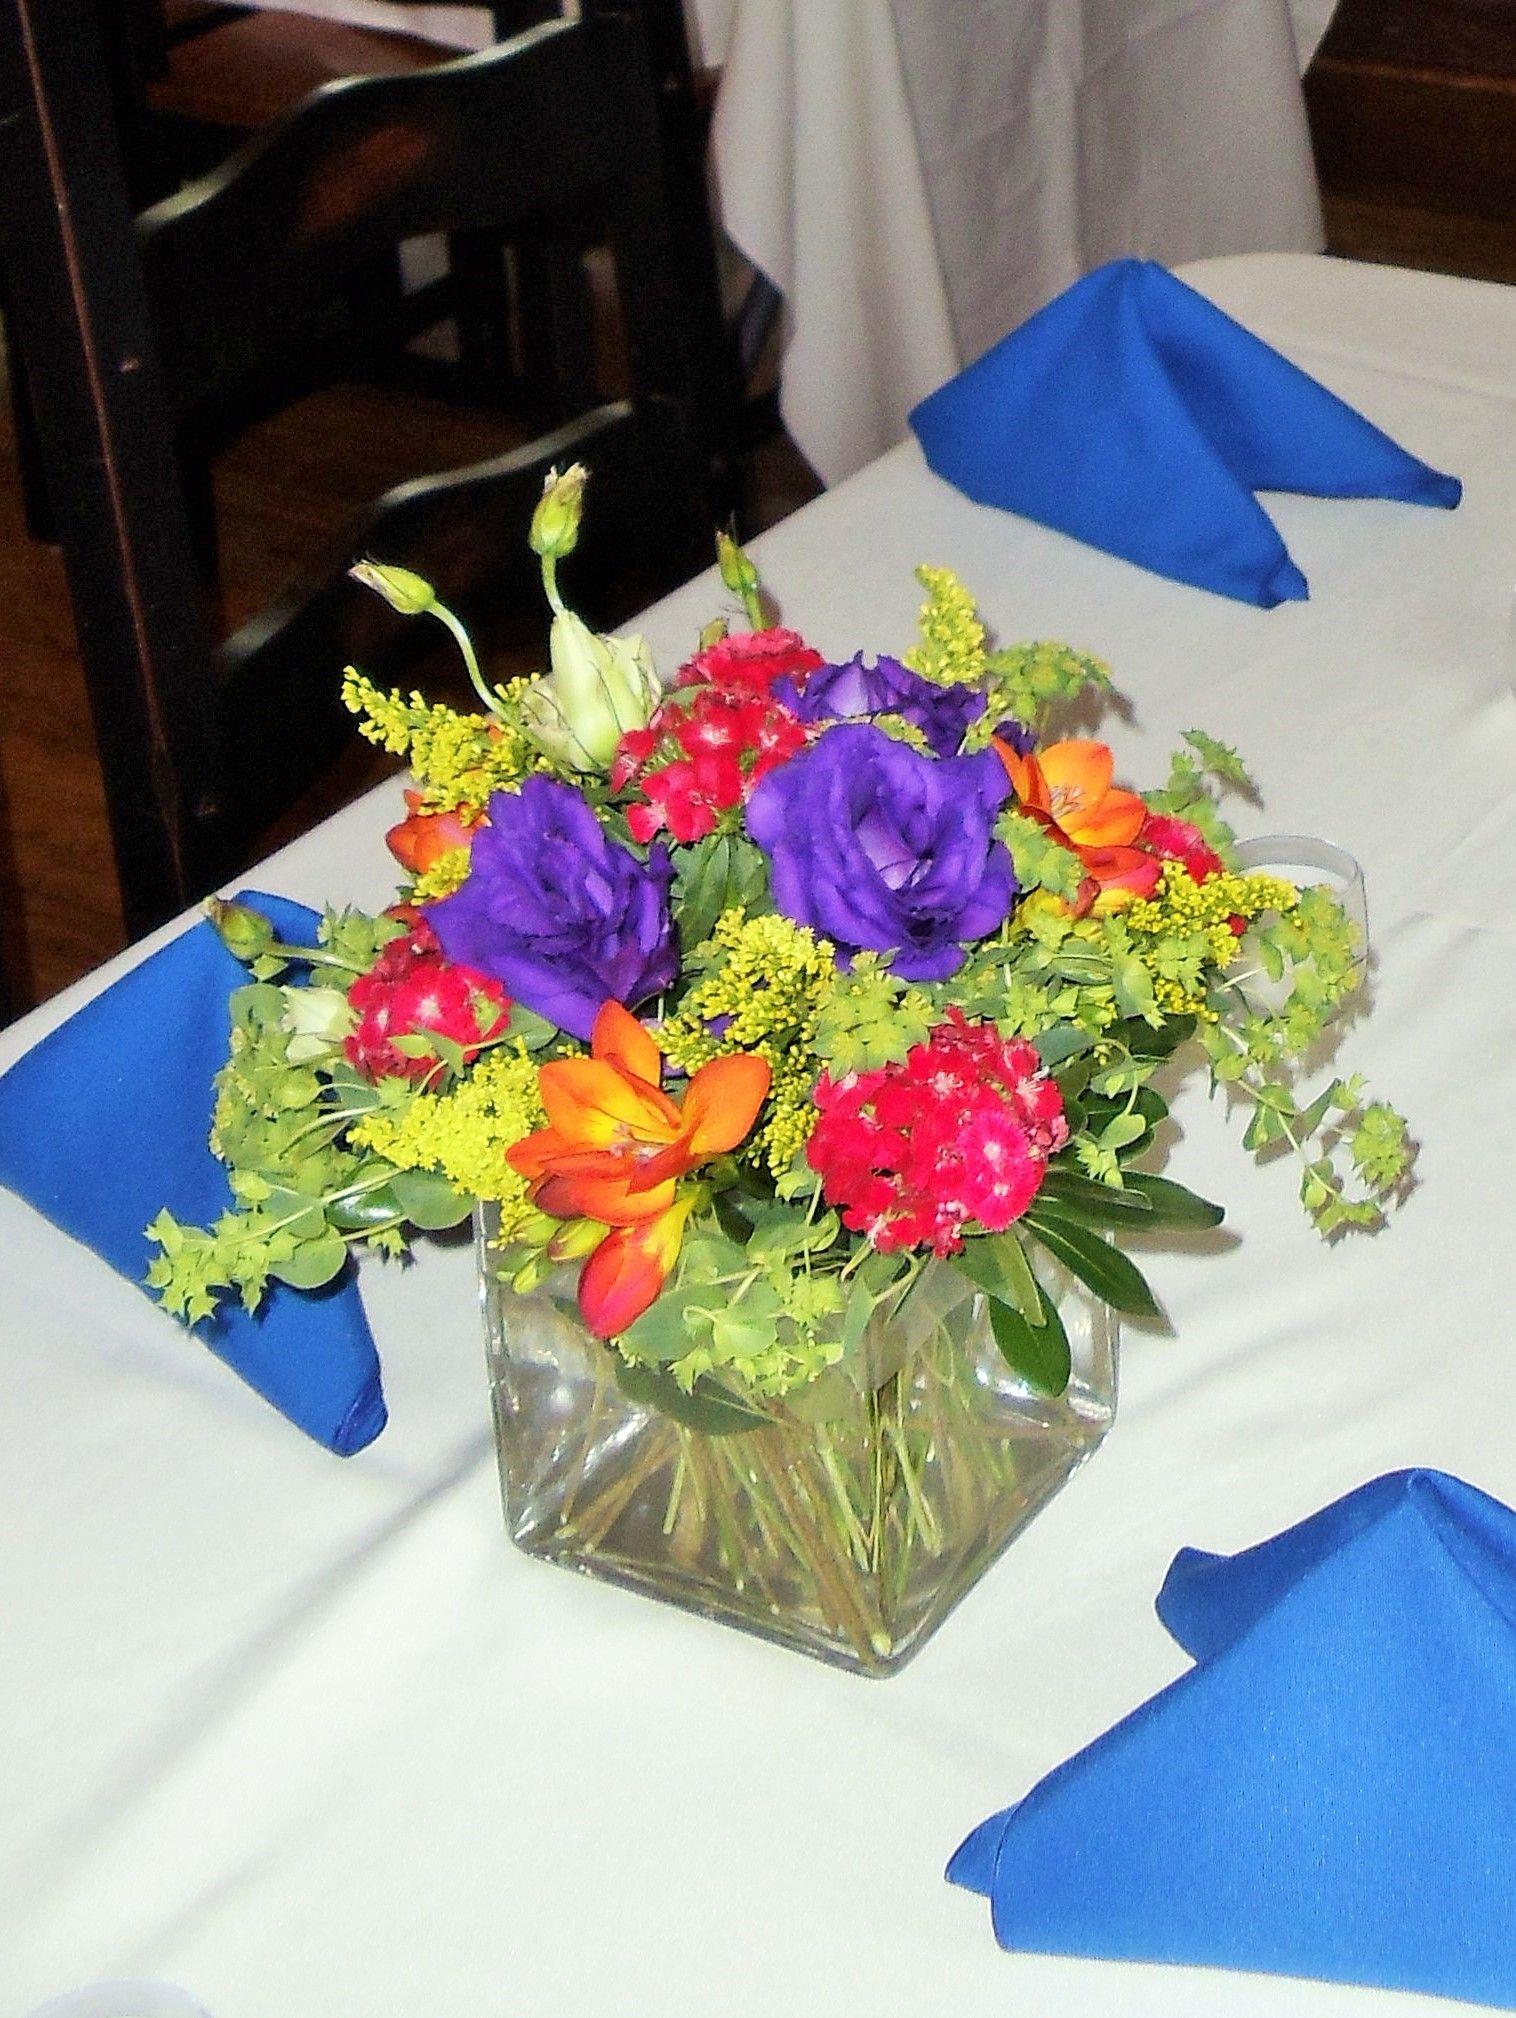 Cube vase filled with lisianthus, dianthus, solidago, bupleurum